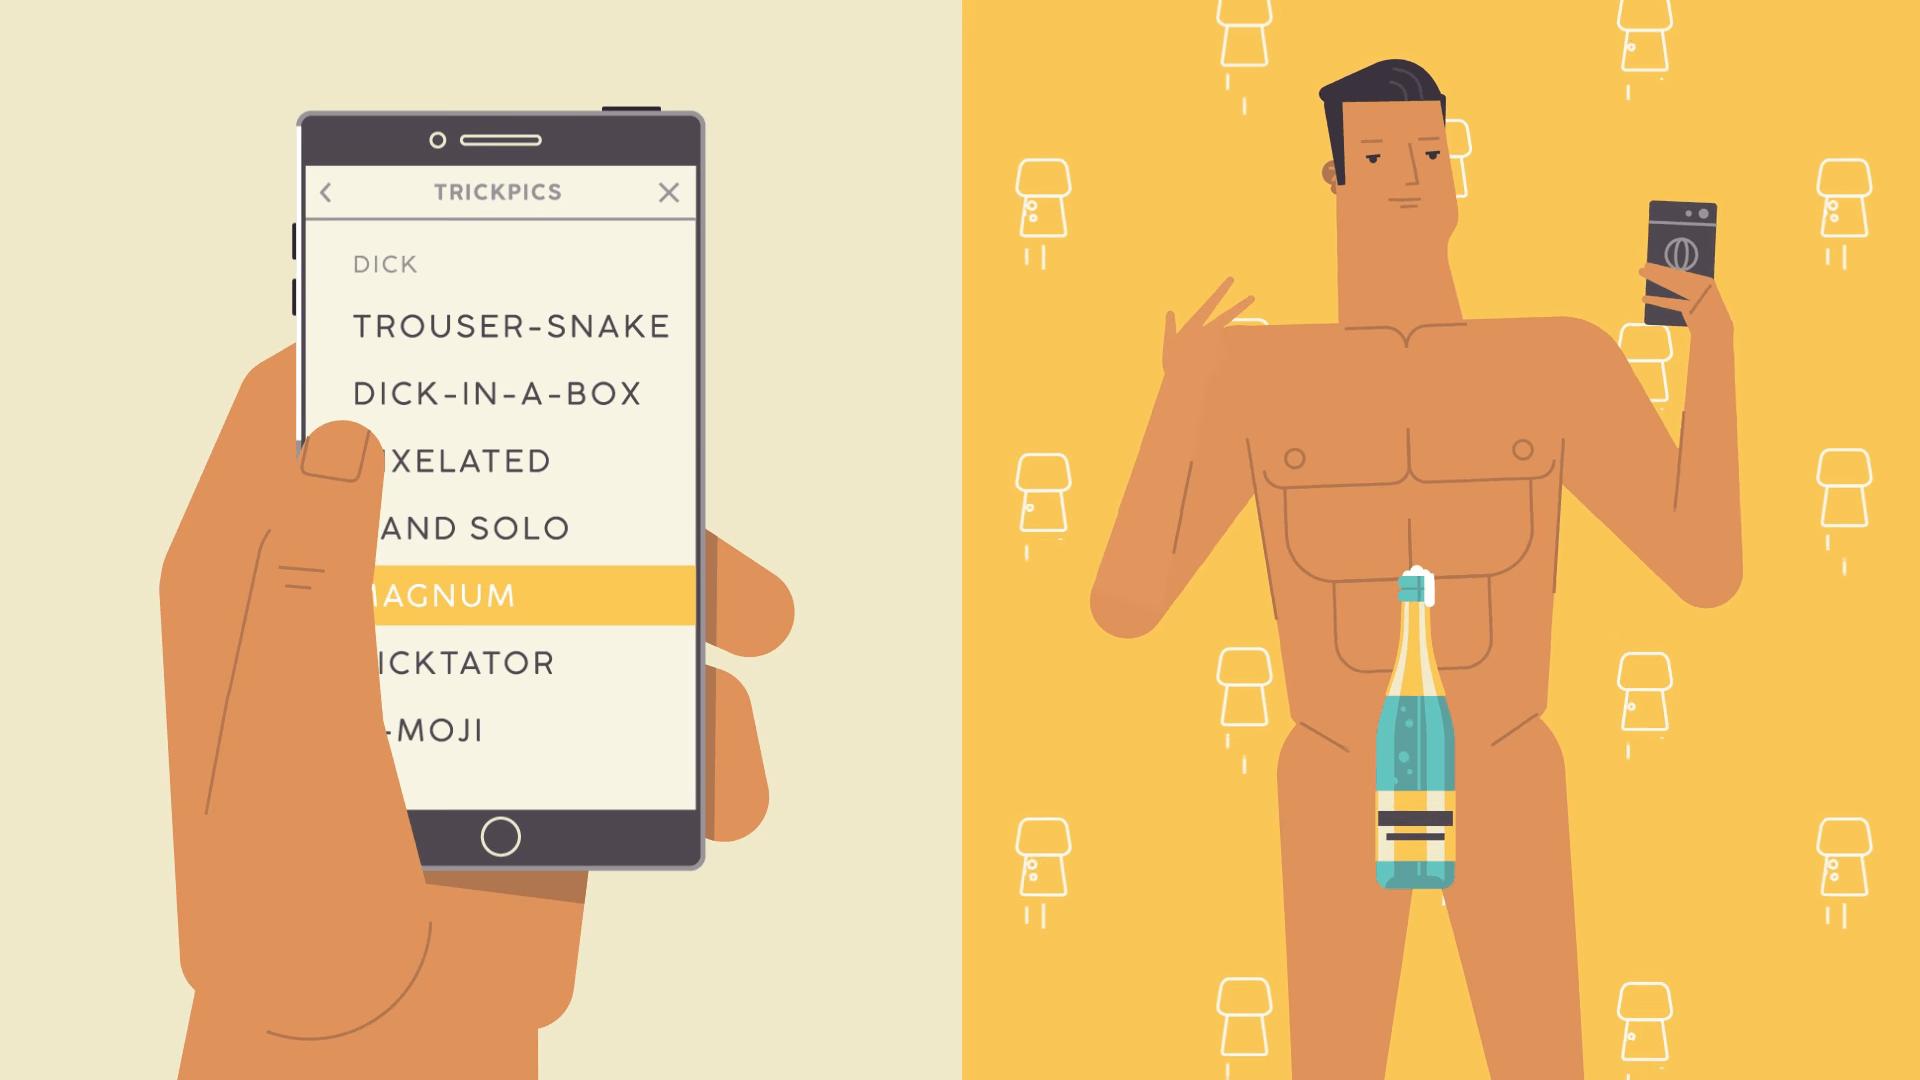 Pornhub lance Trickpics pour couvrir vos parties intimes avec un filtre à la Snapchat